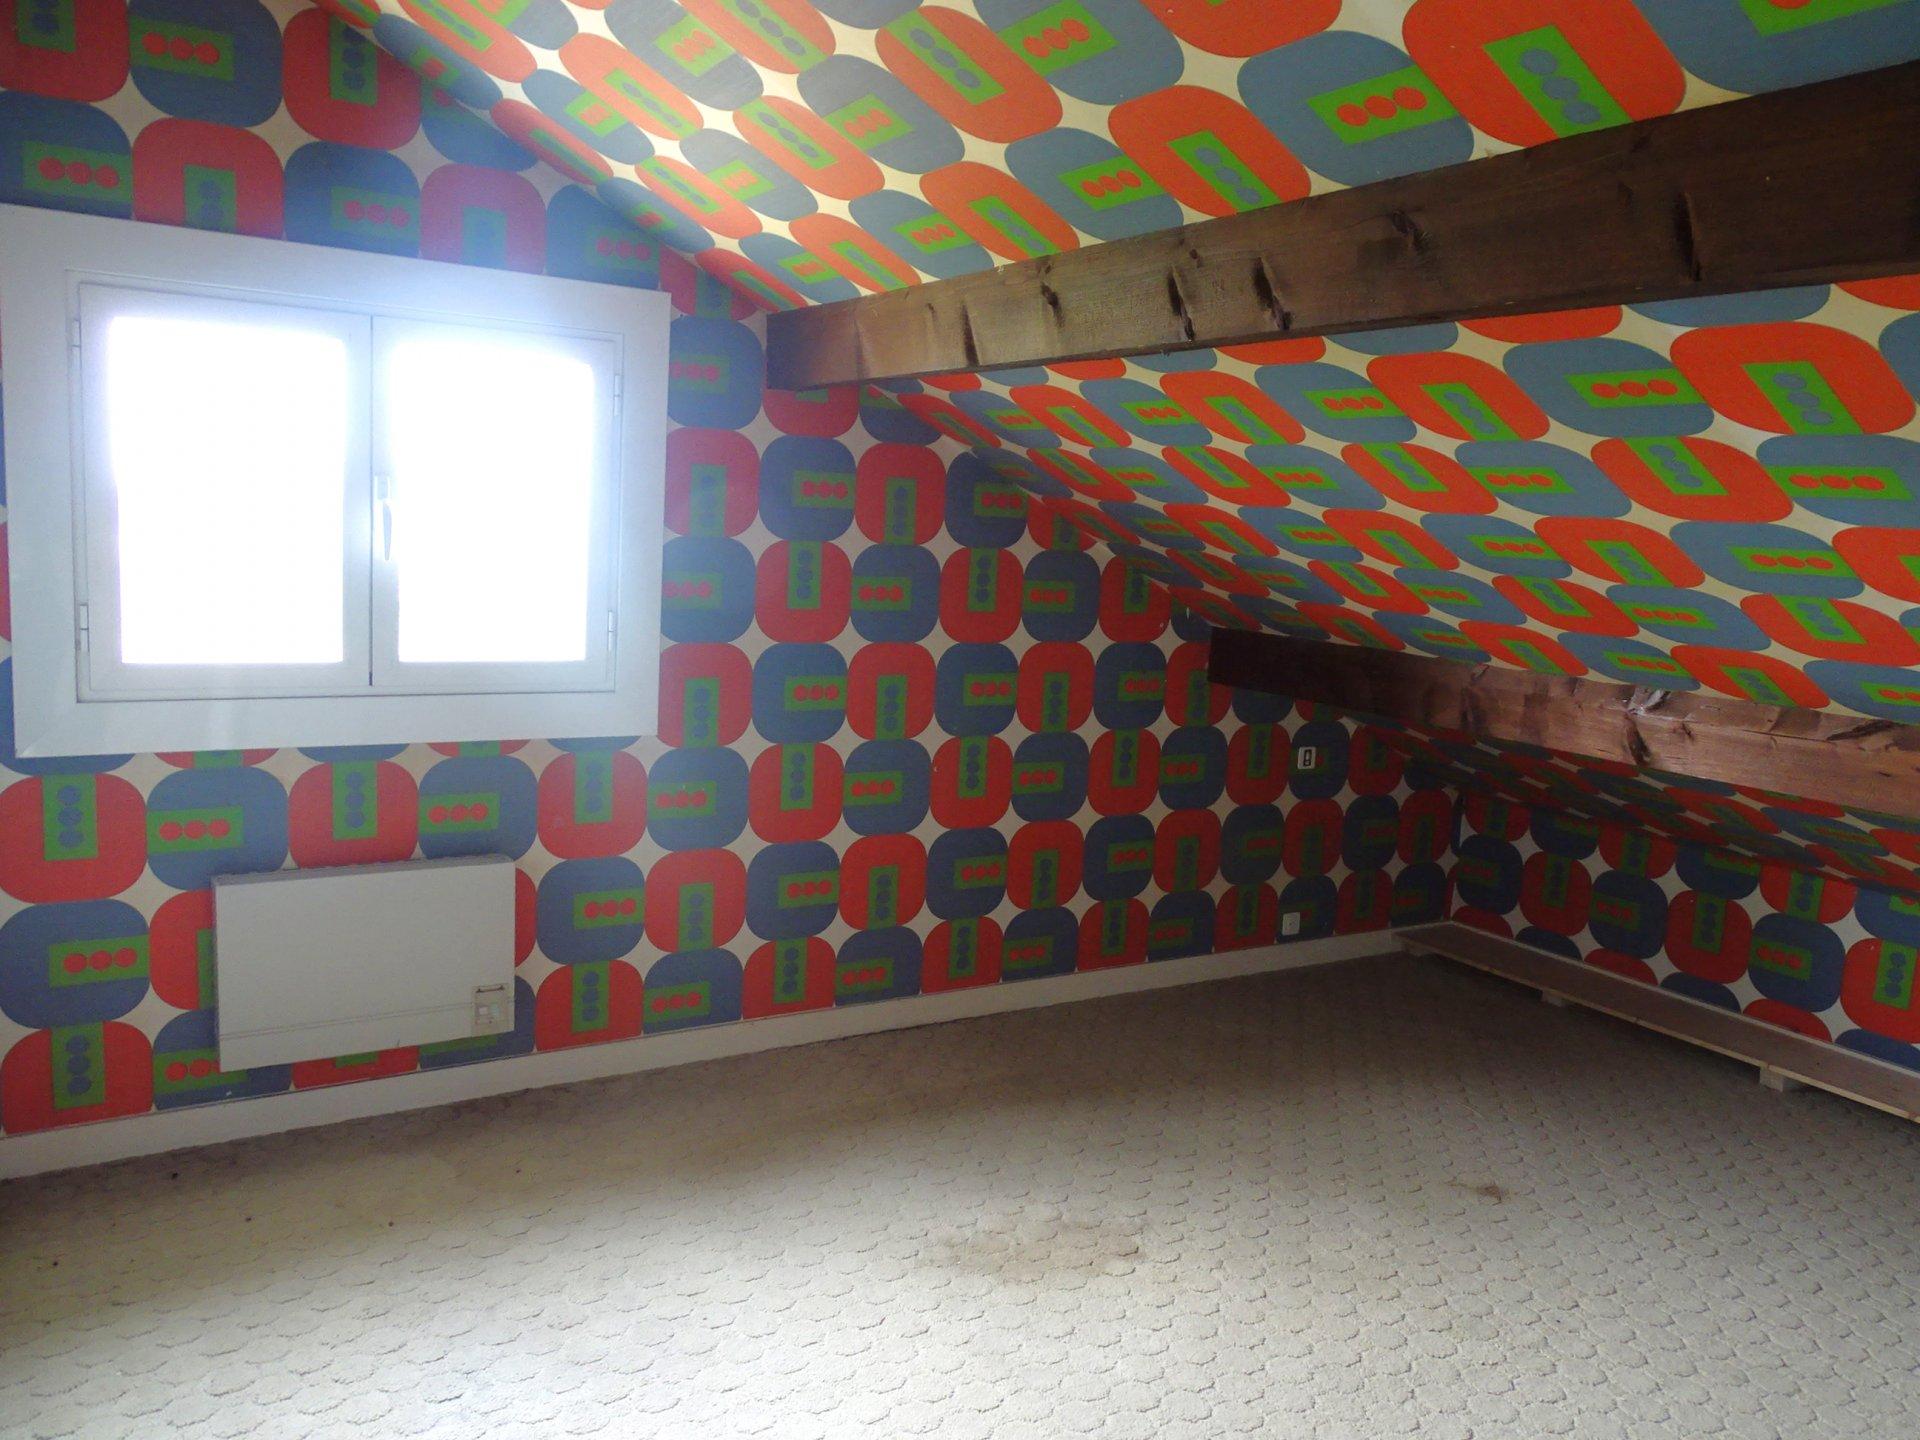 Situé dans un environnement très demandé de Mâcon, venez découvrir ce bien de qualité. Édifiée sur sous-sol enterré, cette grande maison familiale d'environ 175m² au sol, dispose en rez-de-chaussée d?un grand hall, d?une pièce de vie agréable et lumineuse, avec cheminée et donnant sur l?extérieur avec terrasse couverte, une cuisine aménagée avec un espace repas et cellier attenant. Deux chambres, ainsi qu?une salle de bains et un toilette indépendant viennent compléter ce niveau. À l?étage, un grand palier vient desservir les quatre chambres, une salle de douche et un toilette. Le sous-sol d'environ 100m², se compose d?un grand garage avec espace atelier, d'une grande remise et d'une cave. Exposée Sud, Sud-Ouest, la maison s?ouvre sur un terrain arboré d?environ 1000 m2. Vous serez séduit par le grand potentiel qu?offre ce bien de construction qualitative. Prestations complémentaires : nombreux rangements, adoucisseur d?eau, double vitrage. Honoraires à la charge du vendeur.